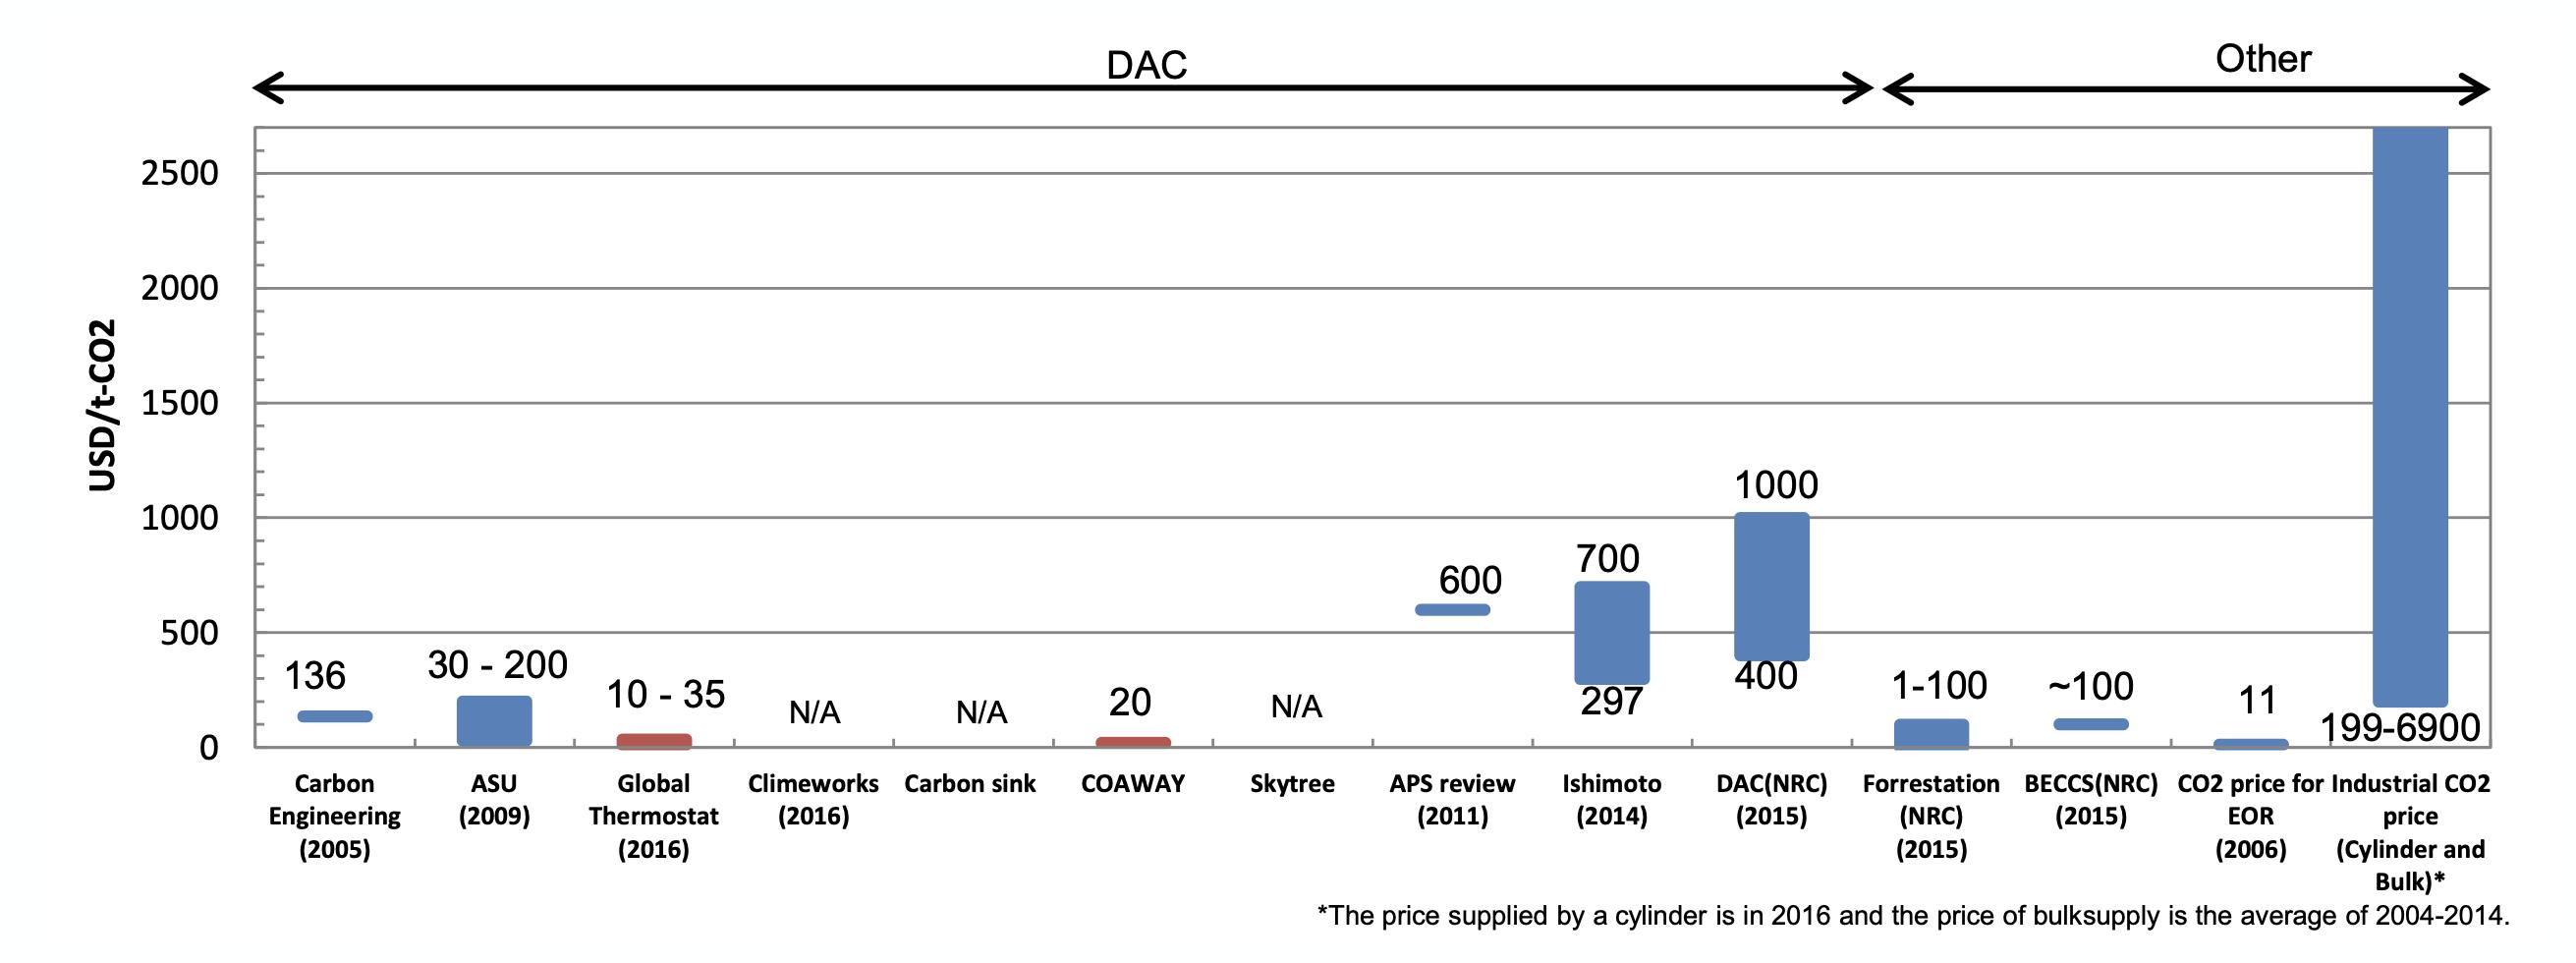 DAC 運用コスト